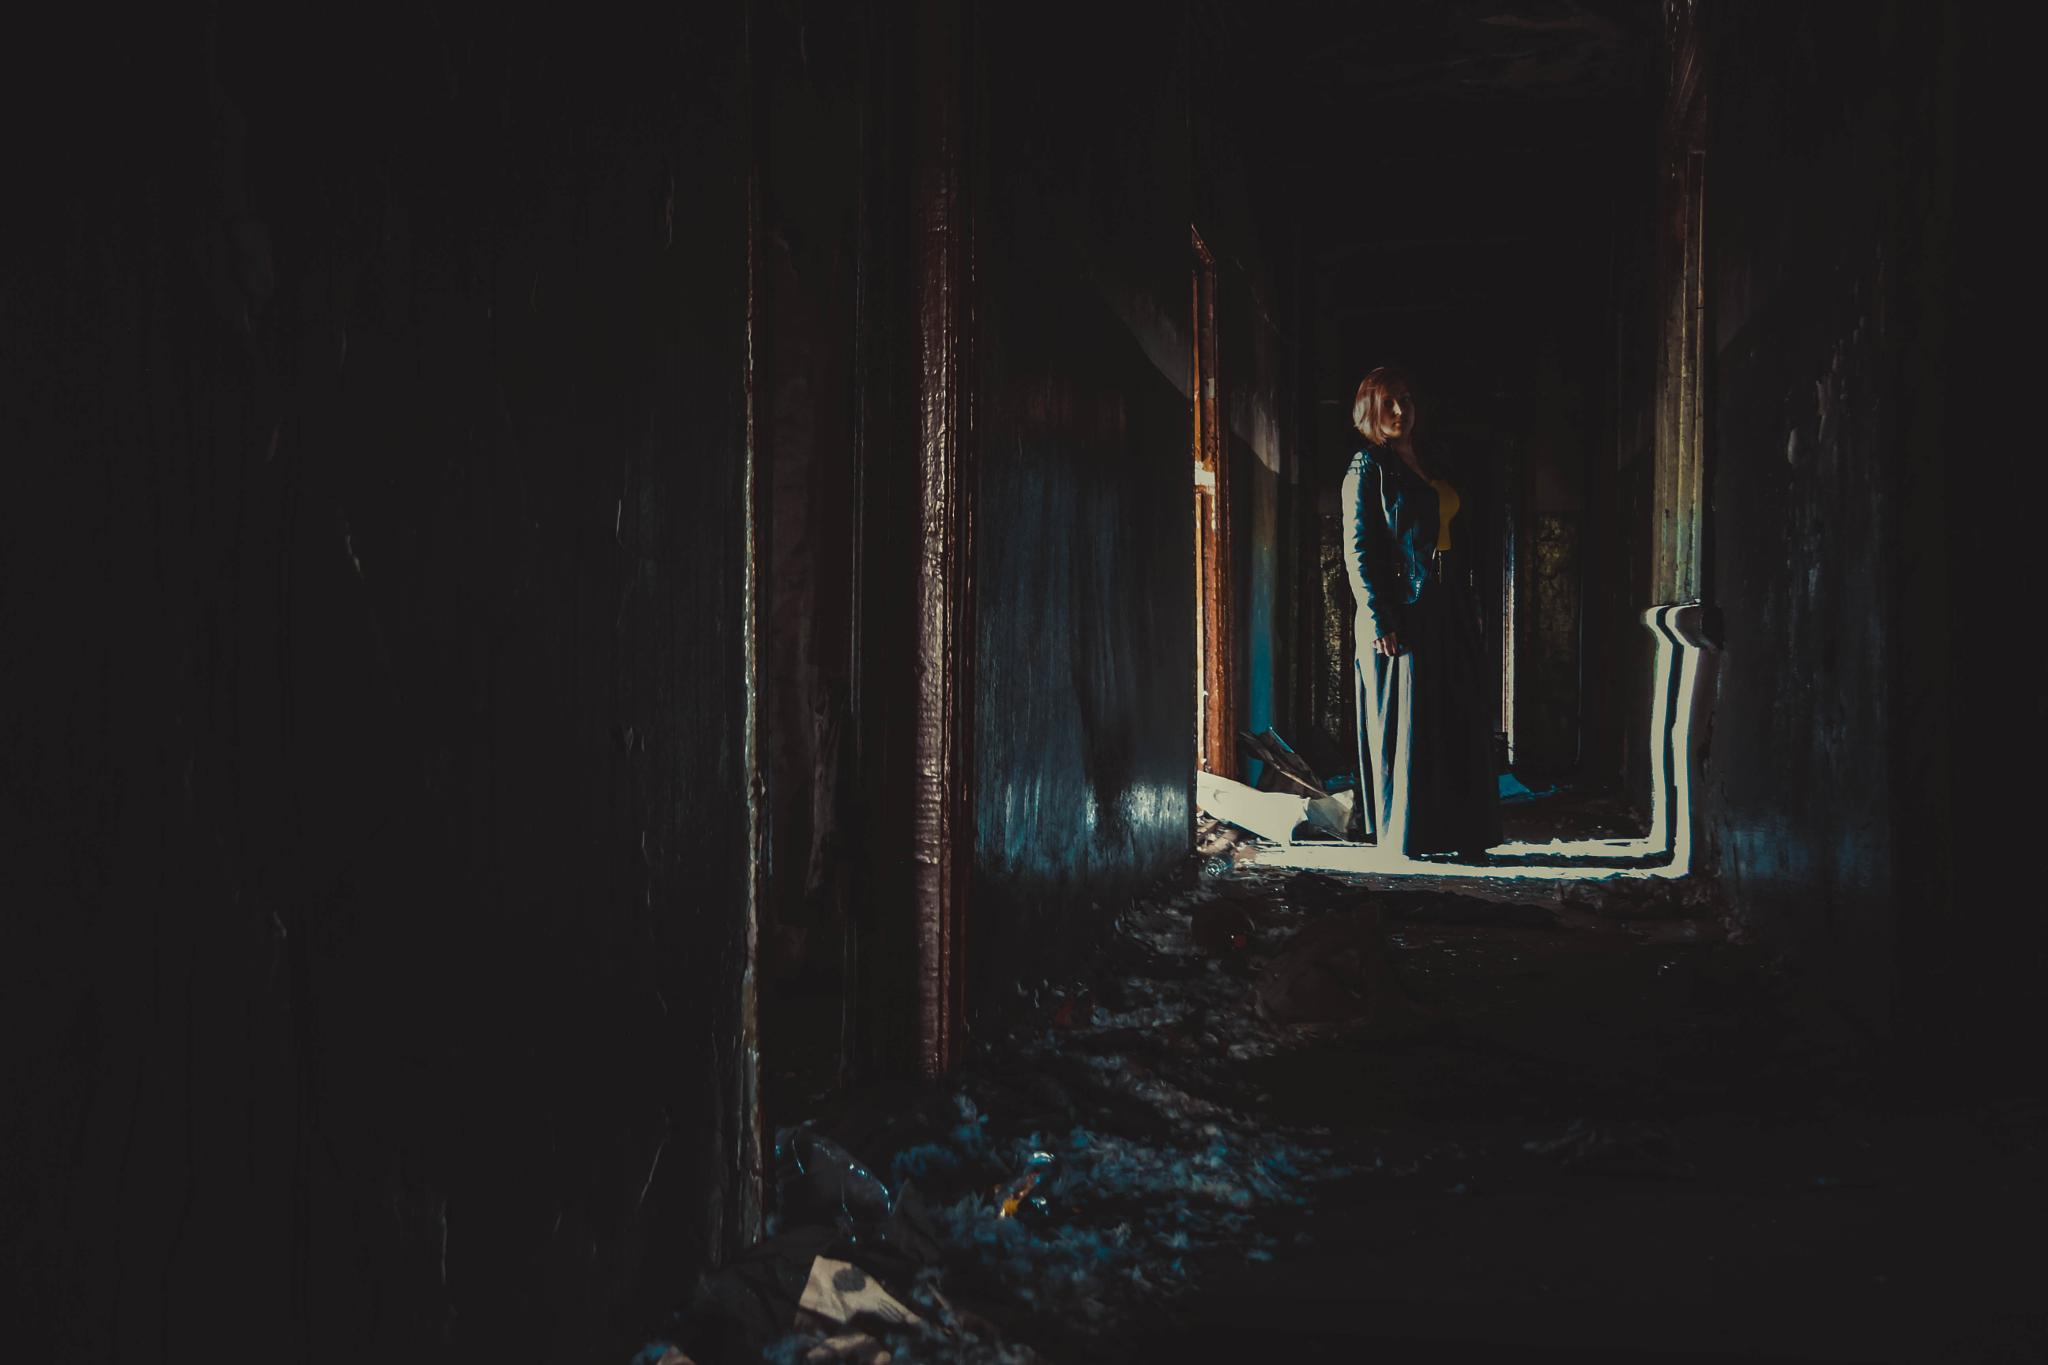 Darkness by Janin Reifer